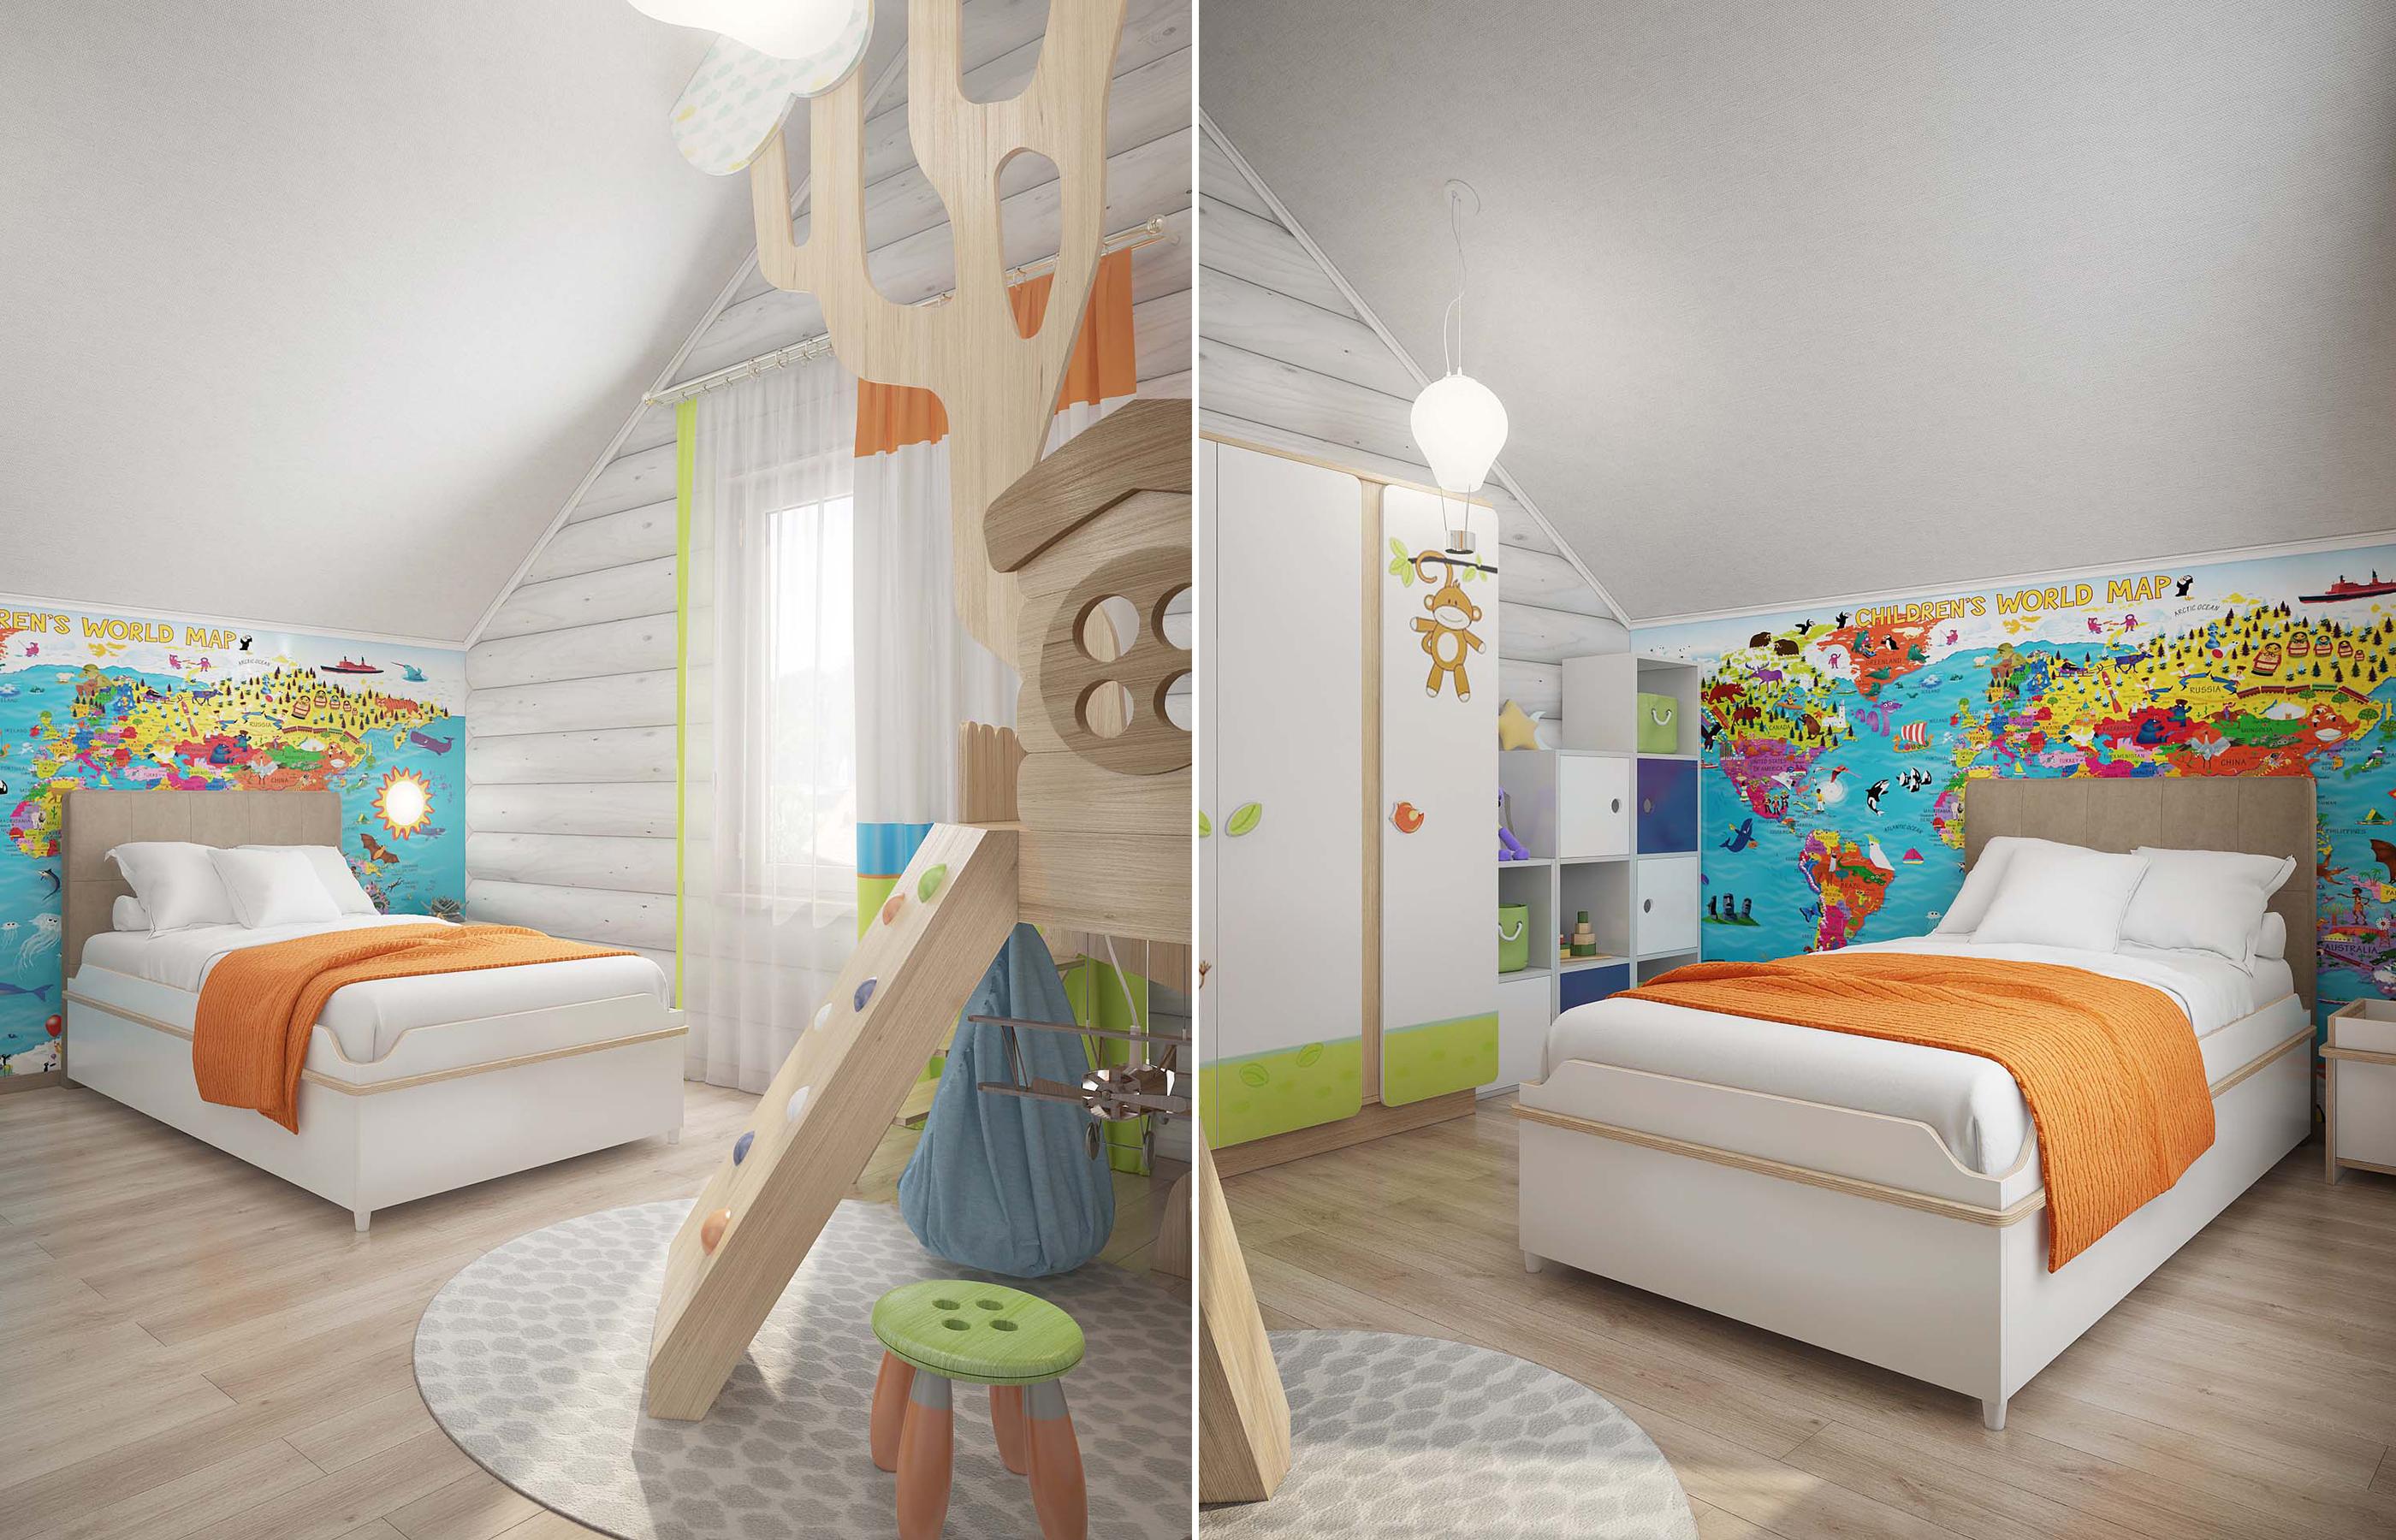 Дизайн интерьера комнаты мальчика в срубе